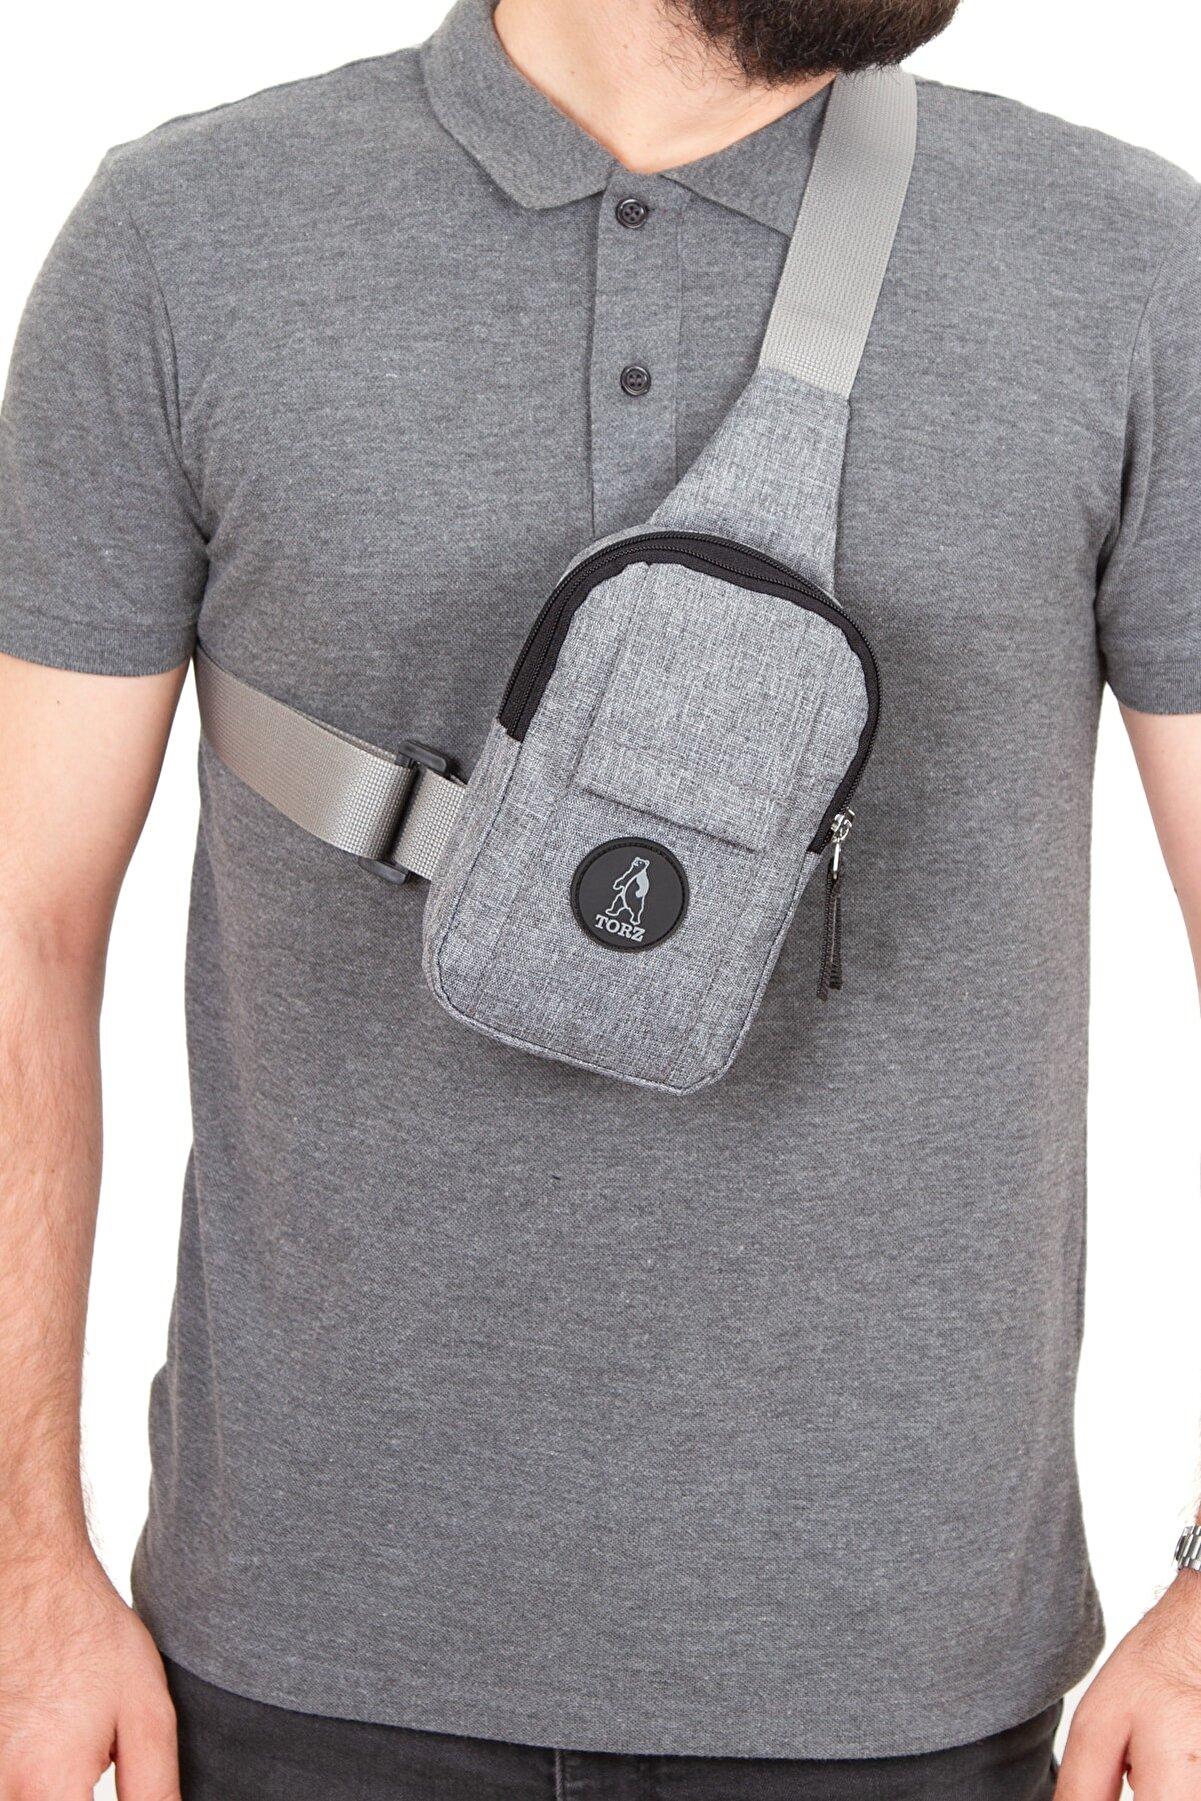 Leyl Çarpraz Tek Kol Telefon Çantası Günlük Mini Göğüs Çanta